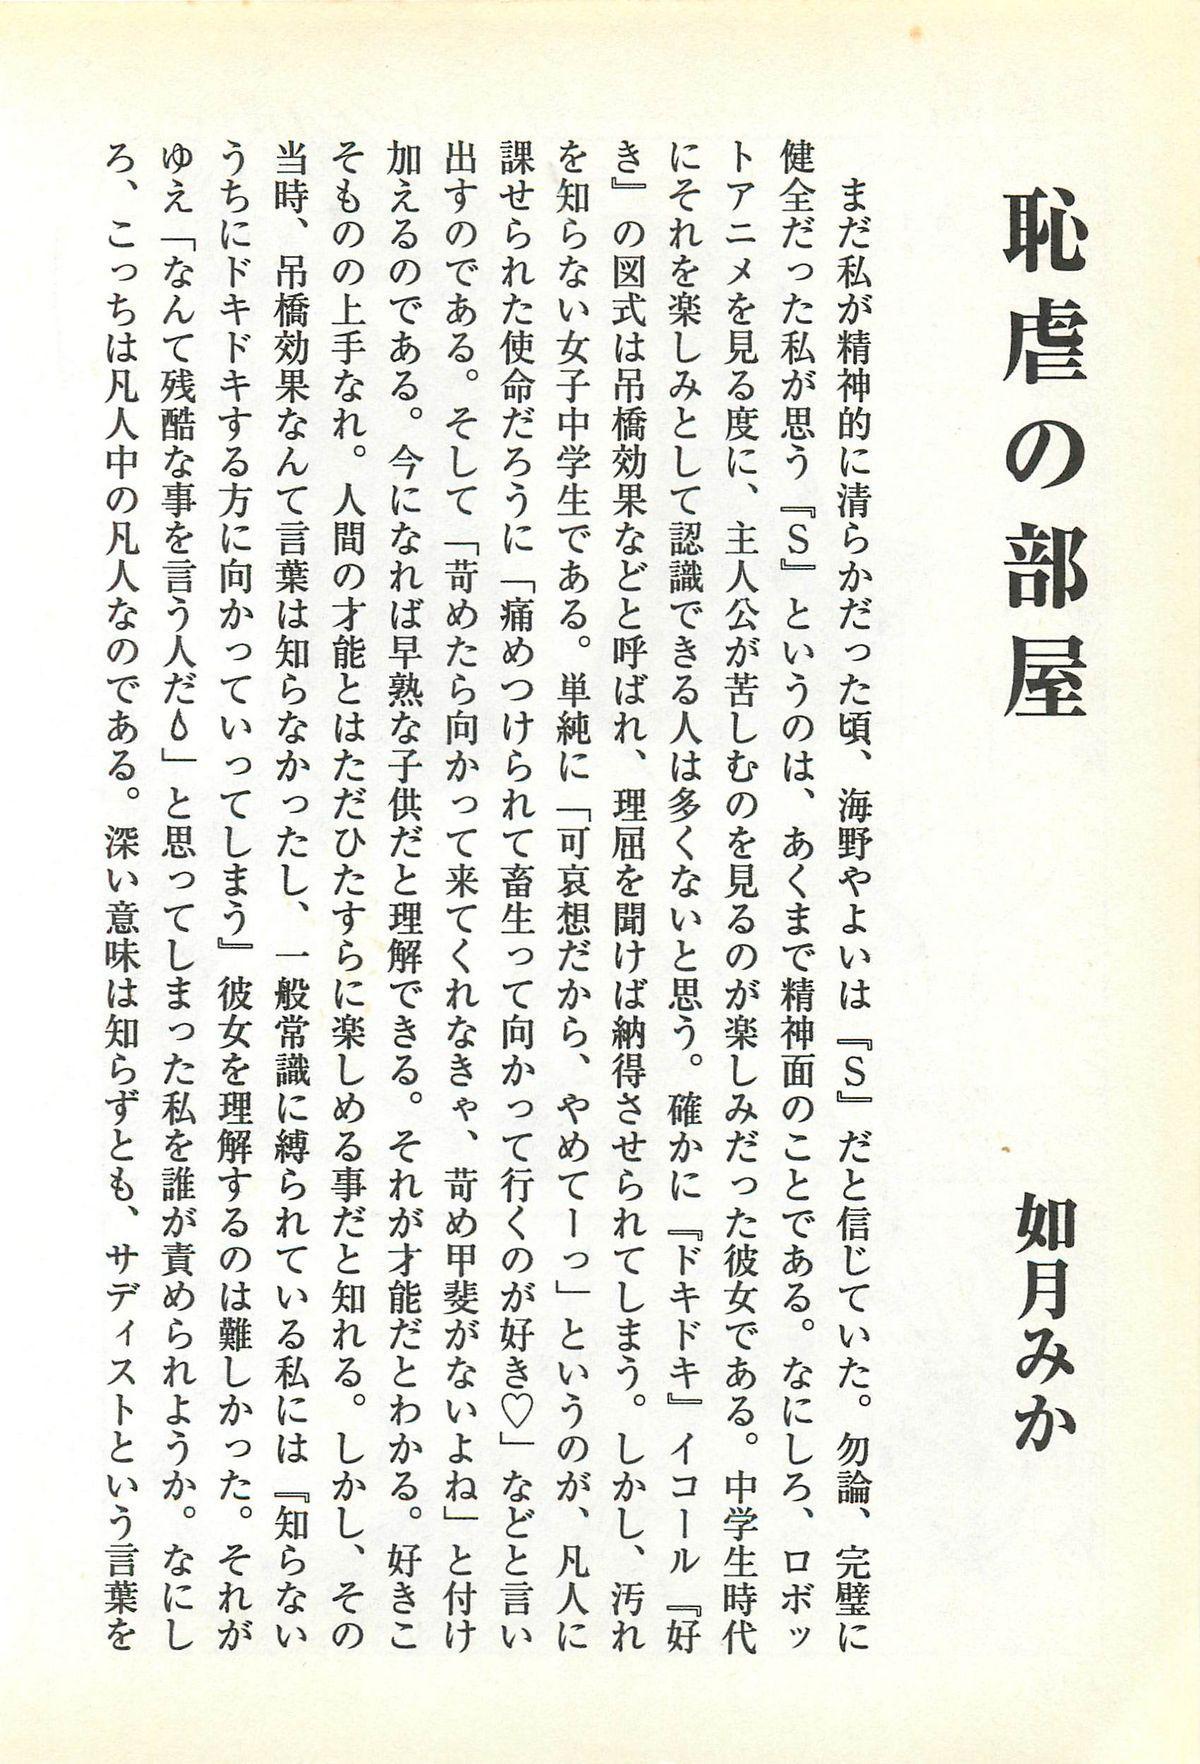 Chigyaku no Heya - A Shameful Punishment Room 166